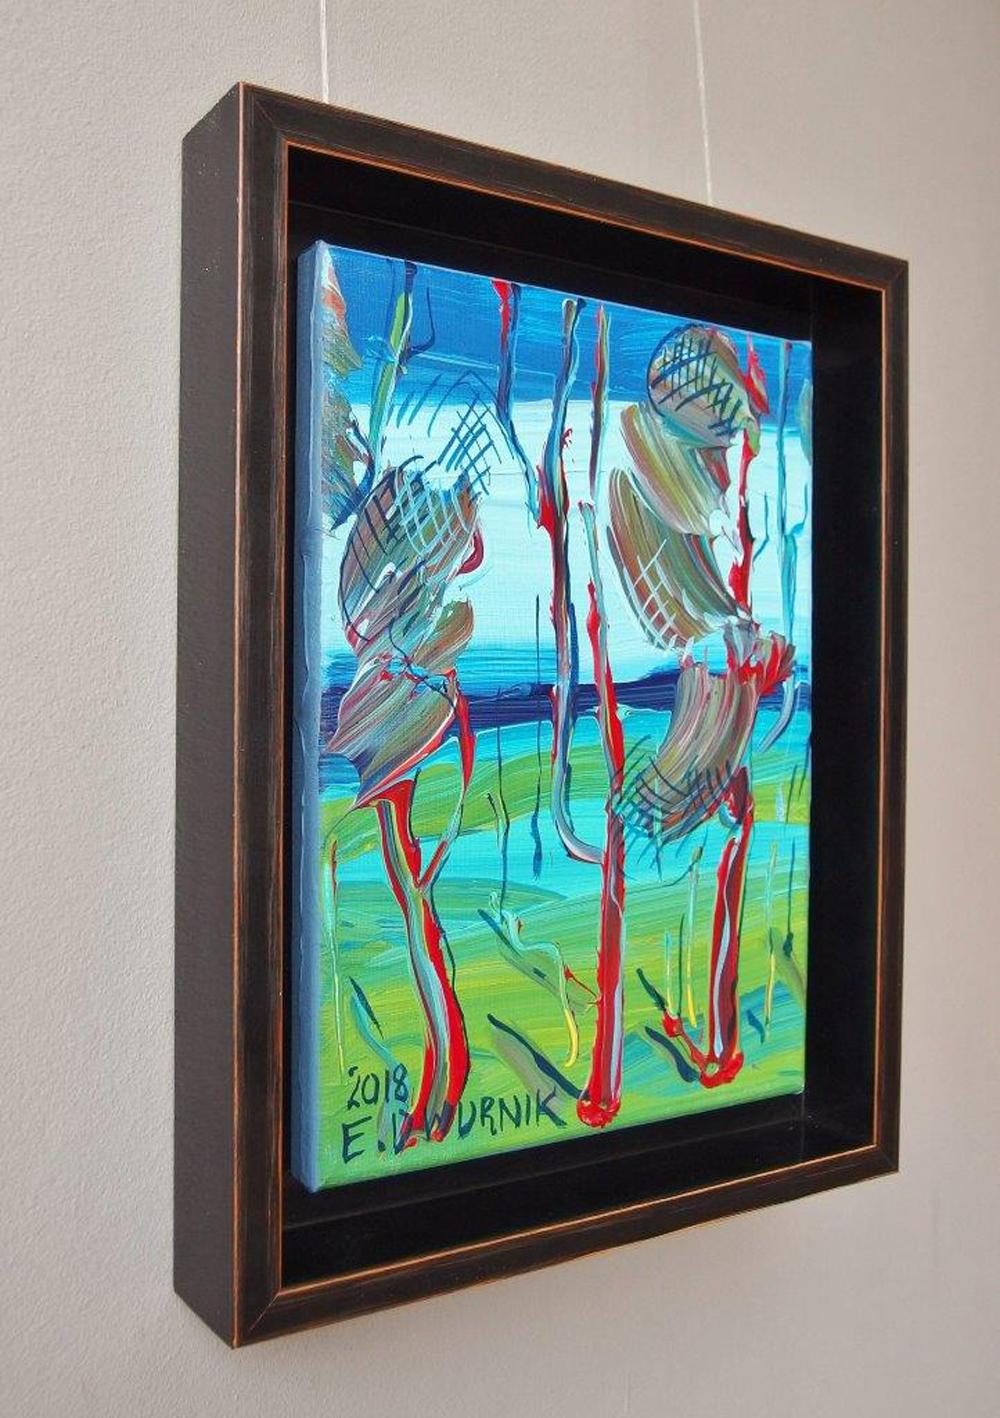 Edward Dwurnik : Pine trees No 3